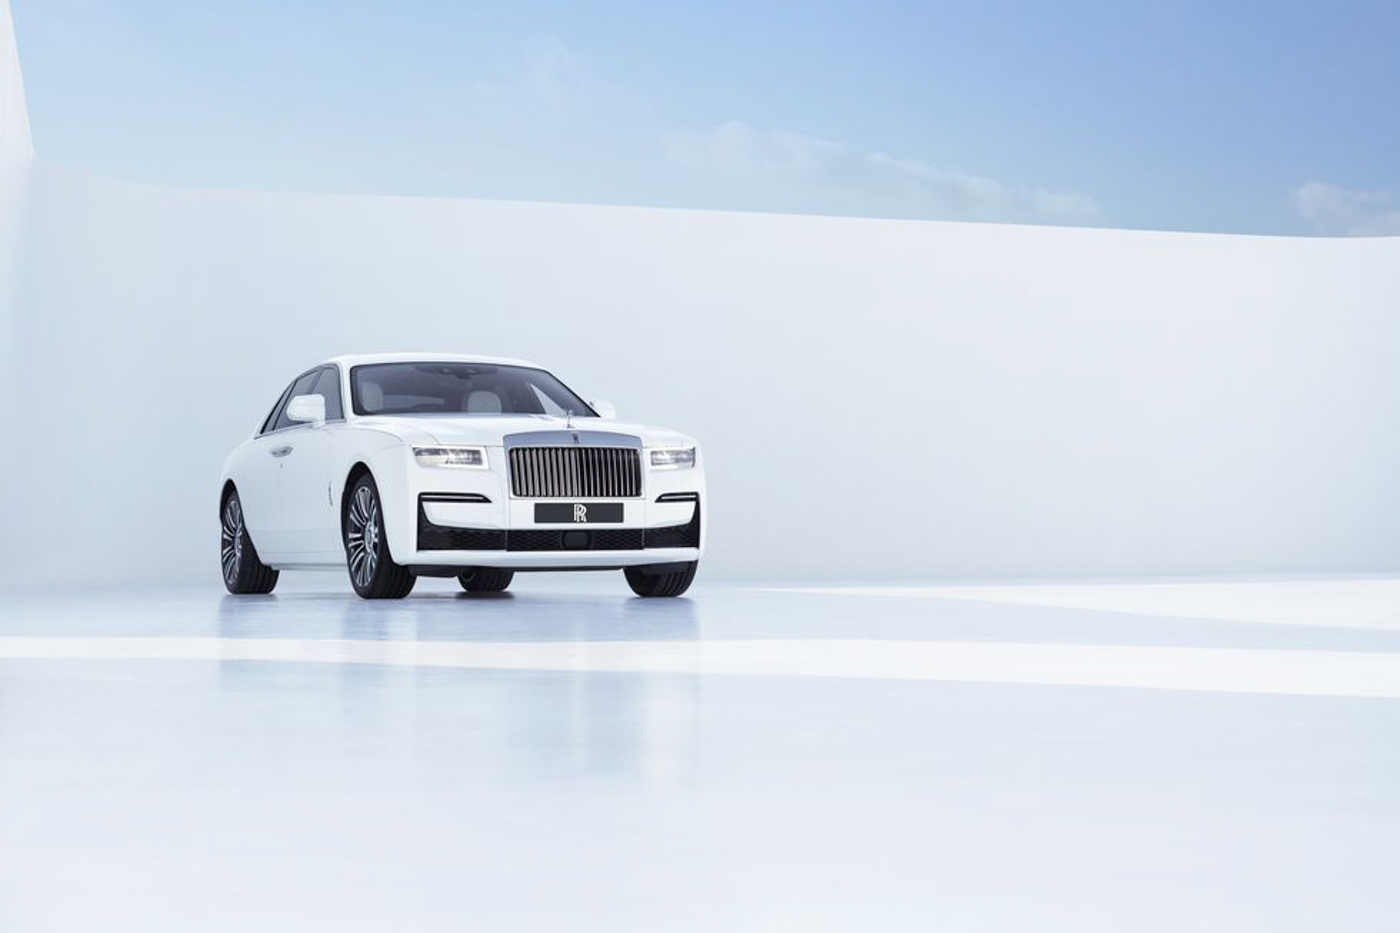 Rolls-Royce-NewGhost-biểu-tượng-xa-hoa-thế-hệ-mới-ra-mắt-khách-hàng-Việt-7.jpg